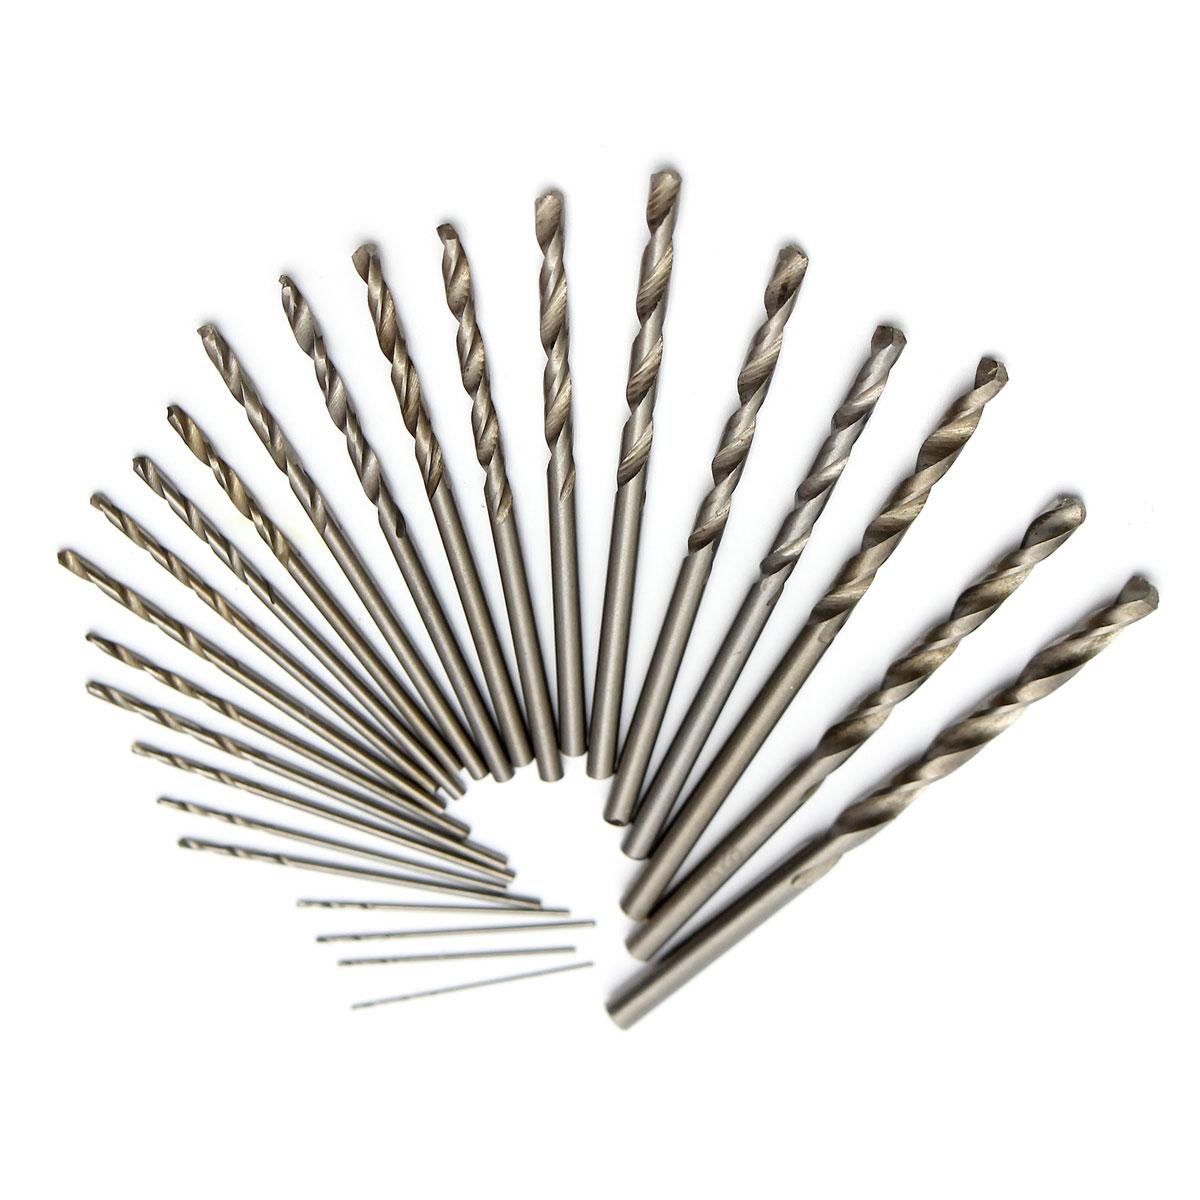 150pcs 0.4mm-3.2mm Micro Twist Drill Bit Set Mini HSS Straight Shank Drill